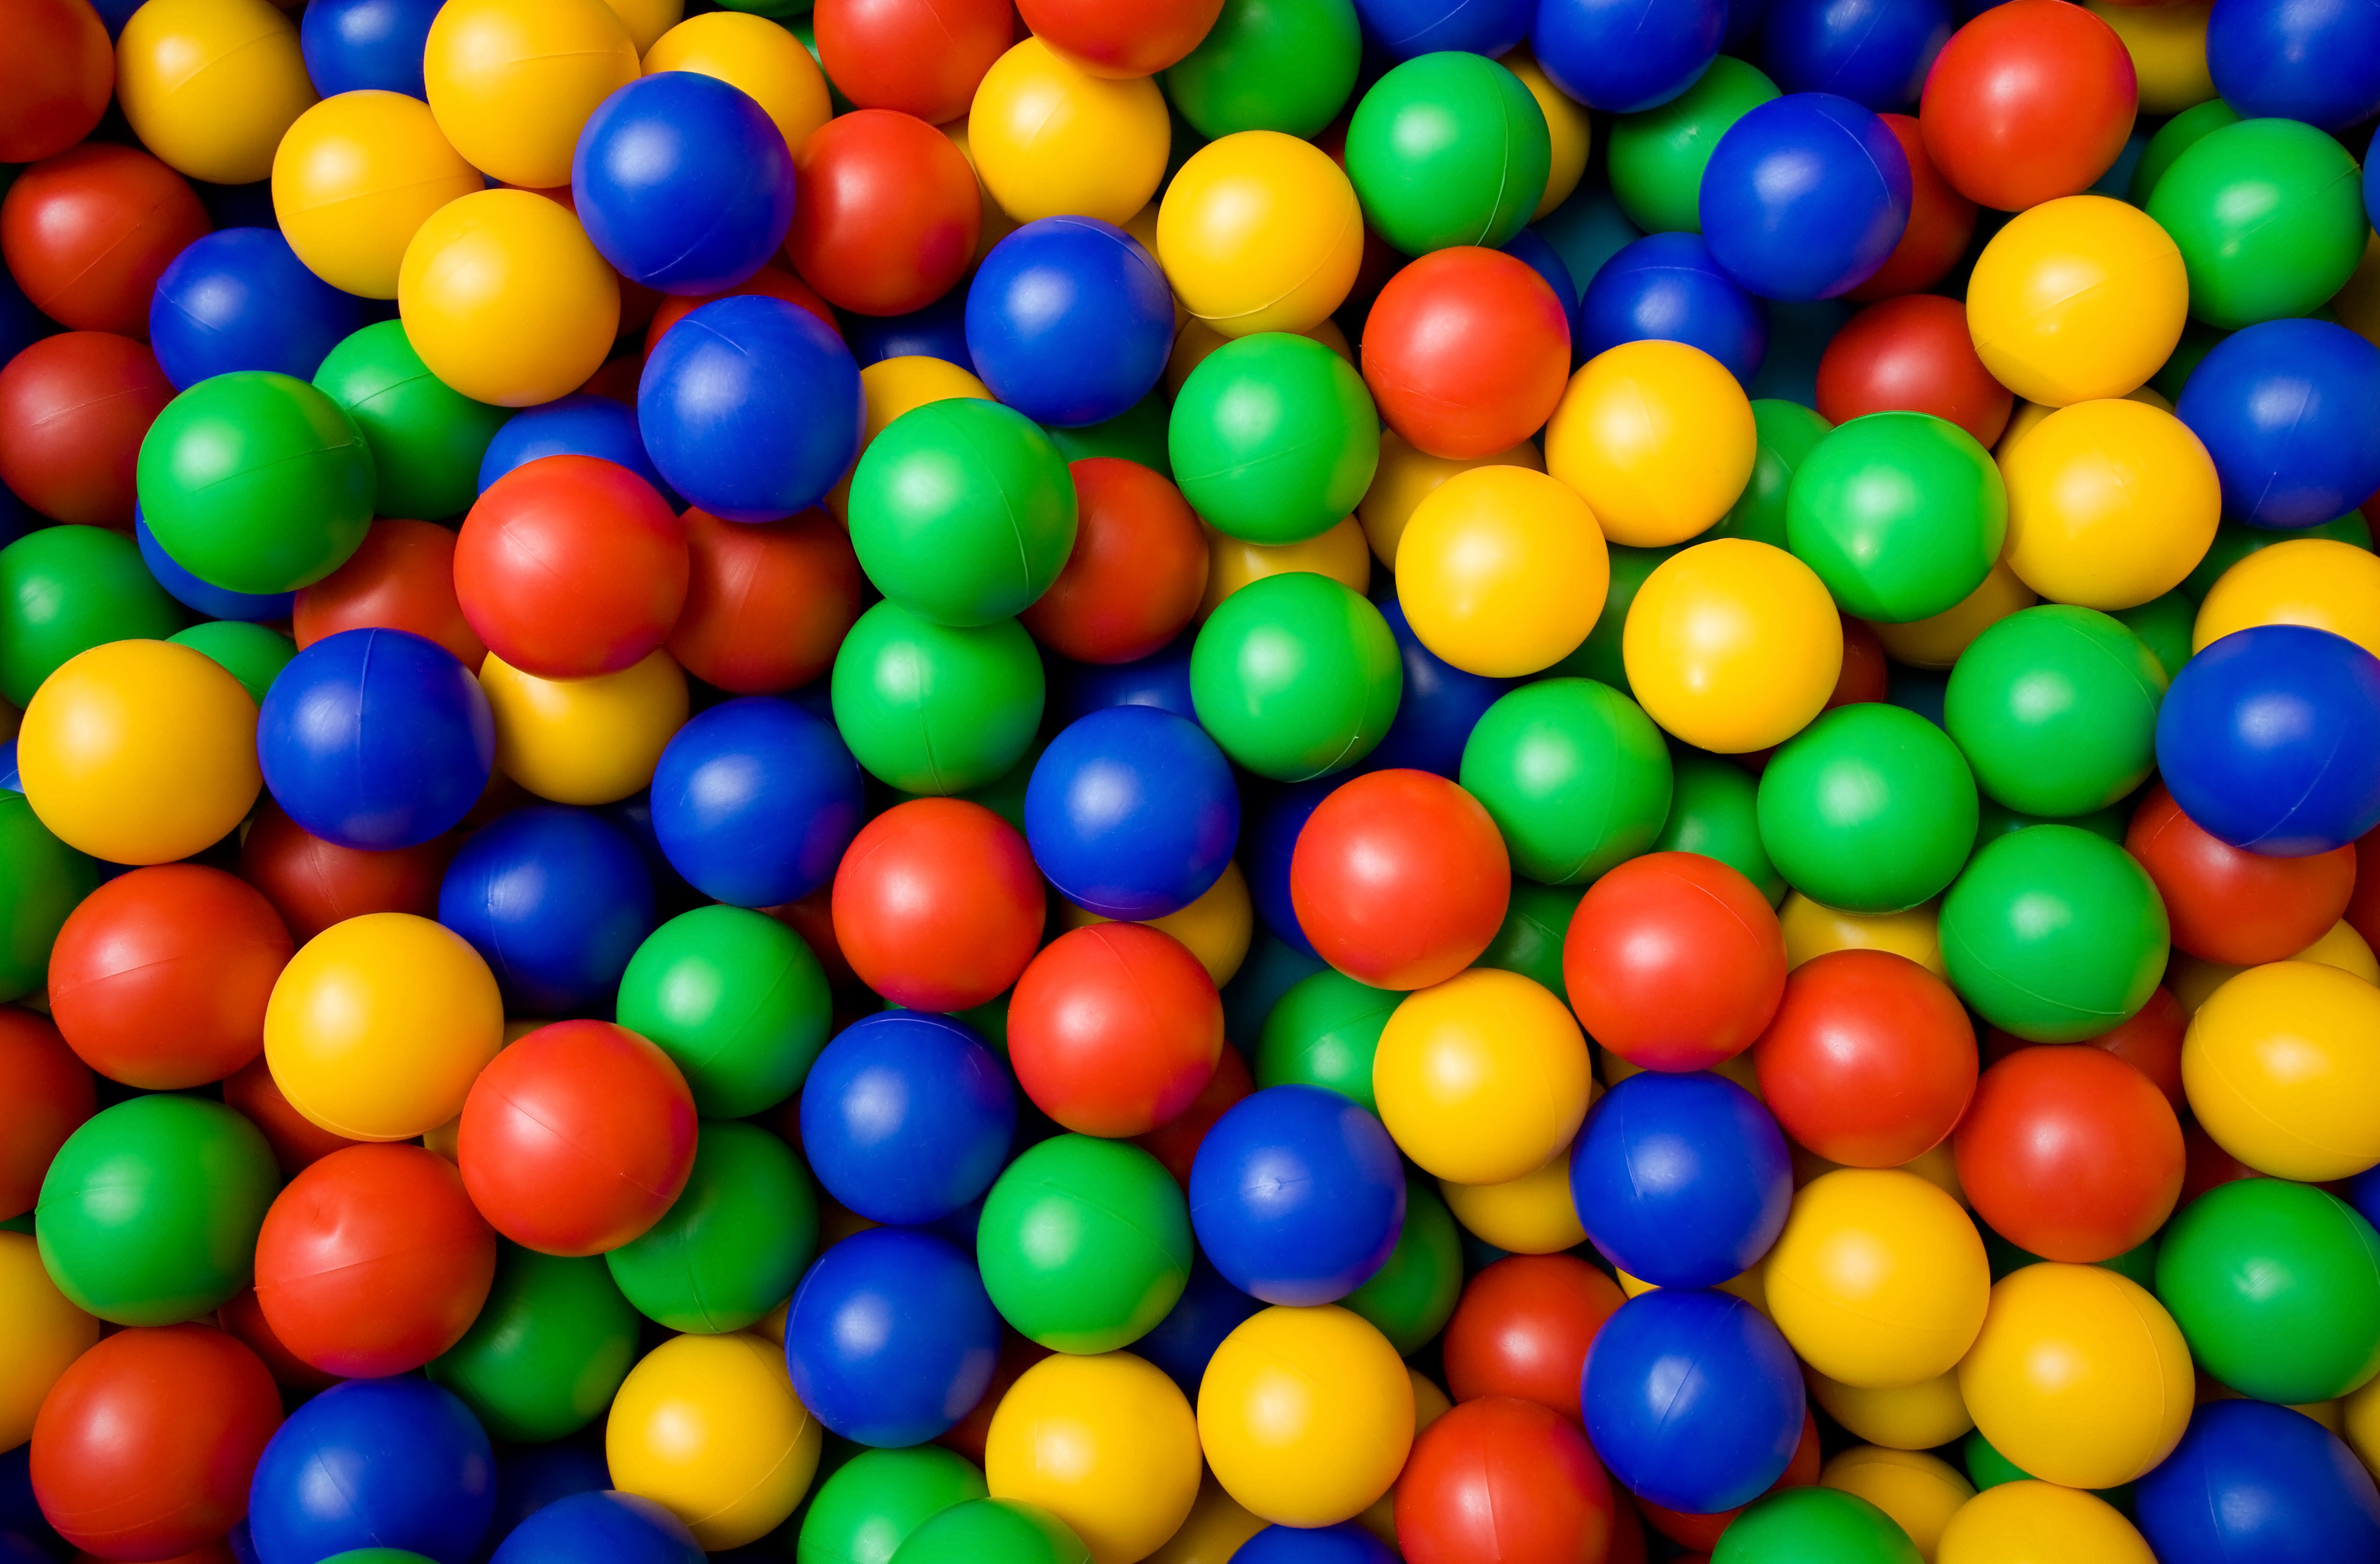 Balls HD wallpapers, Desktop wallpaper - most viewed